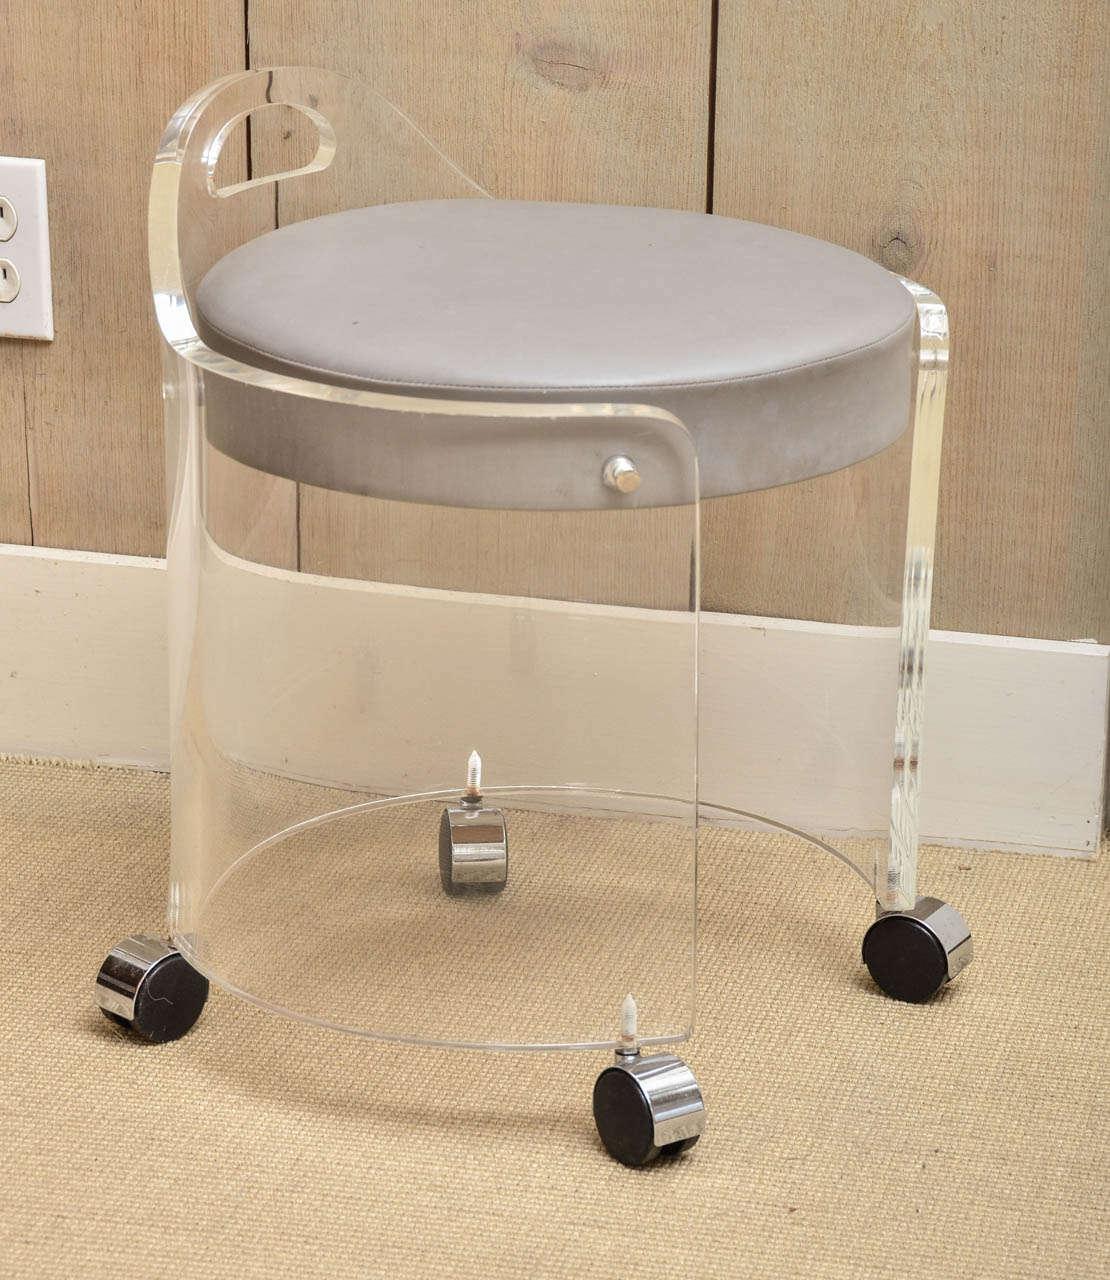 Charles hollis jones vintage lucite vanity stool on casters at 1stdibs - Vanity chair with wheels ...